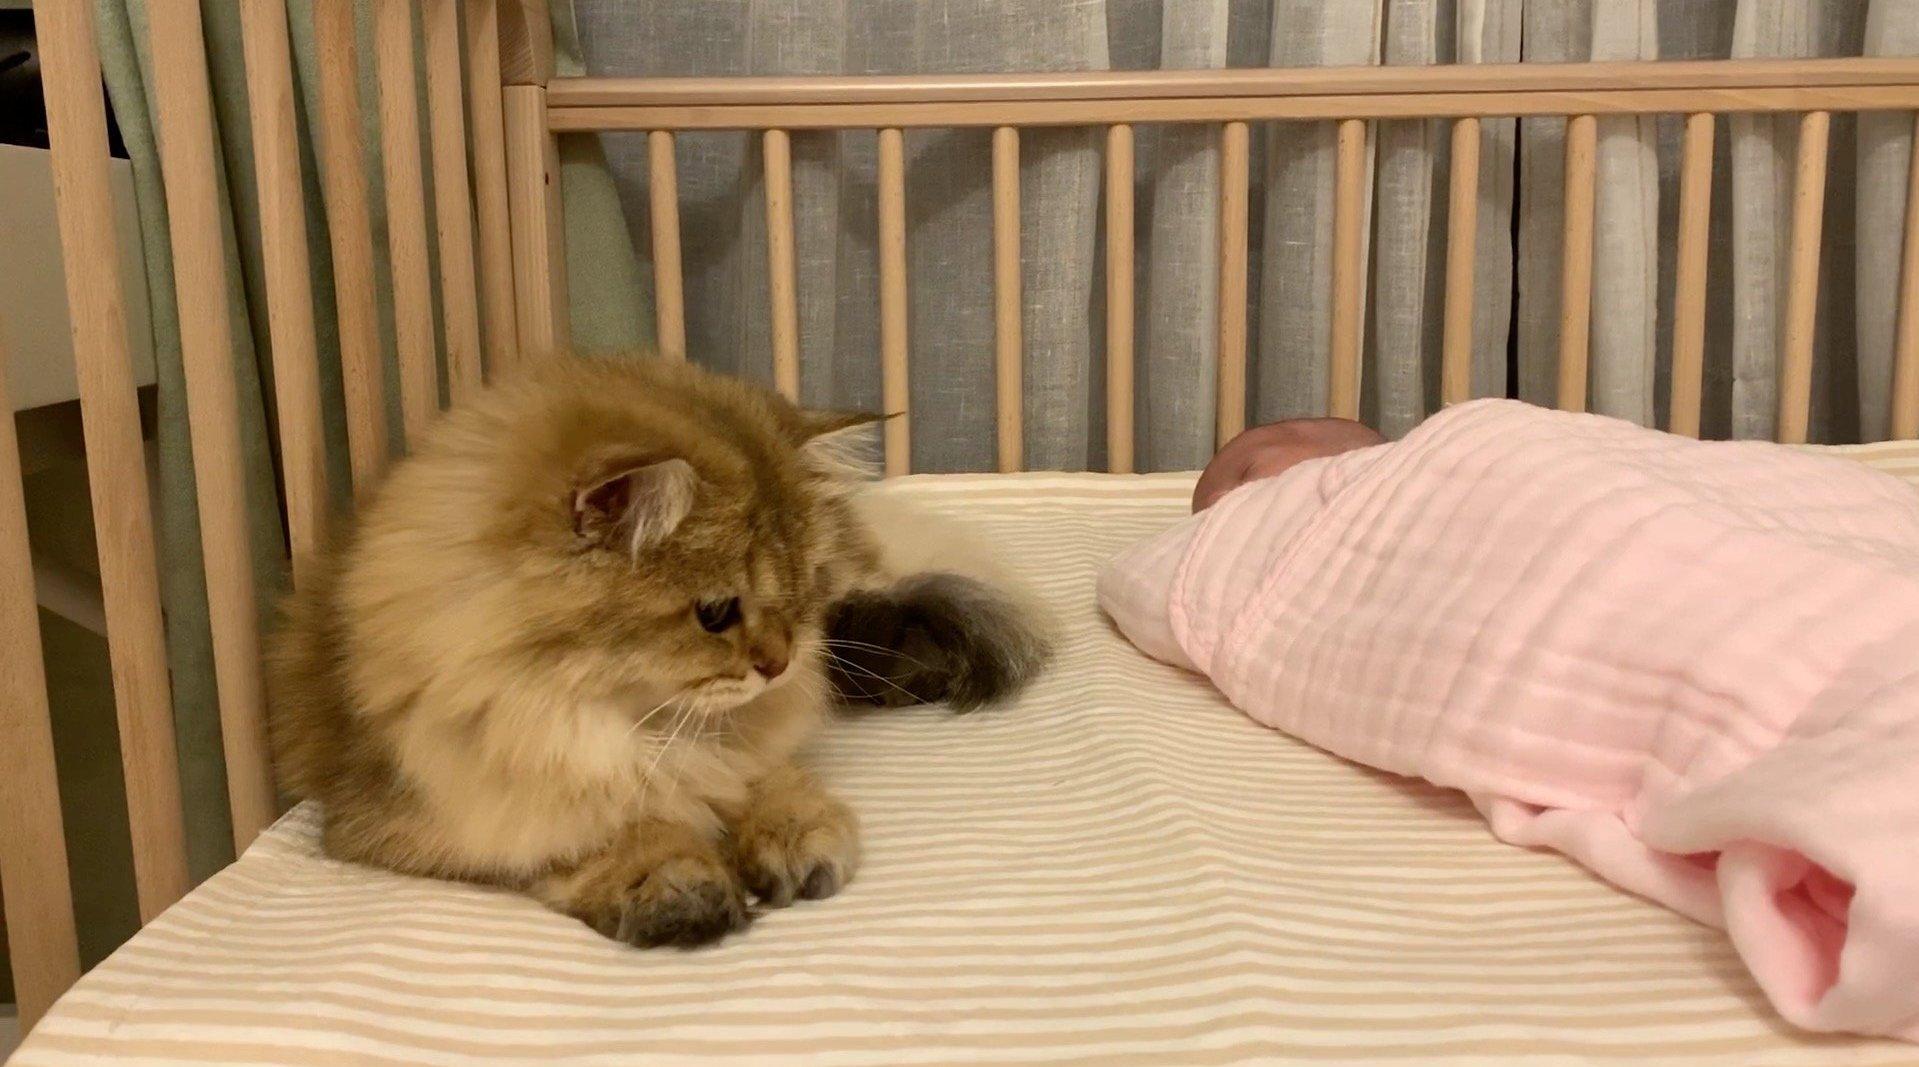 麻糬:这张婴儿床,应该有我一席之地